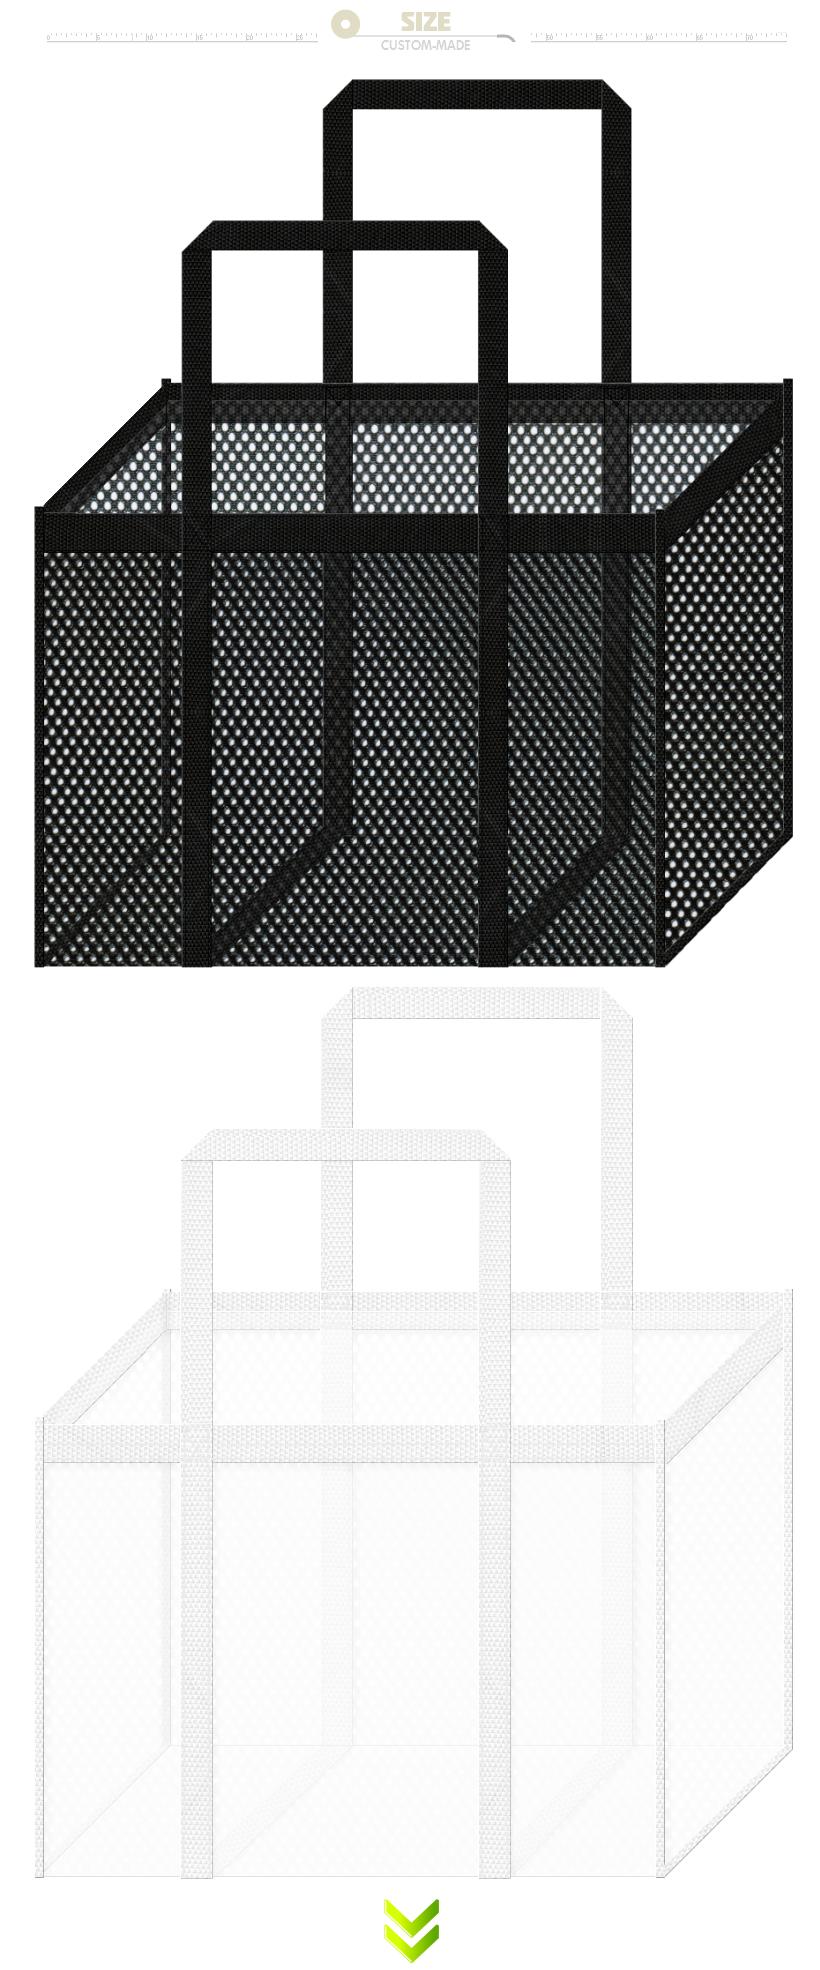 角型のメッシュバッグ:上-黒色、下-白色